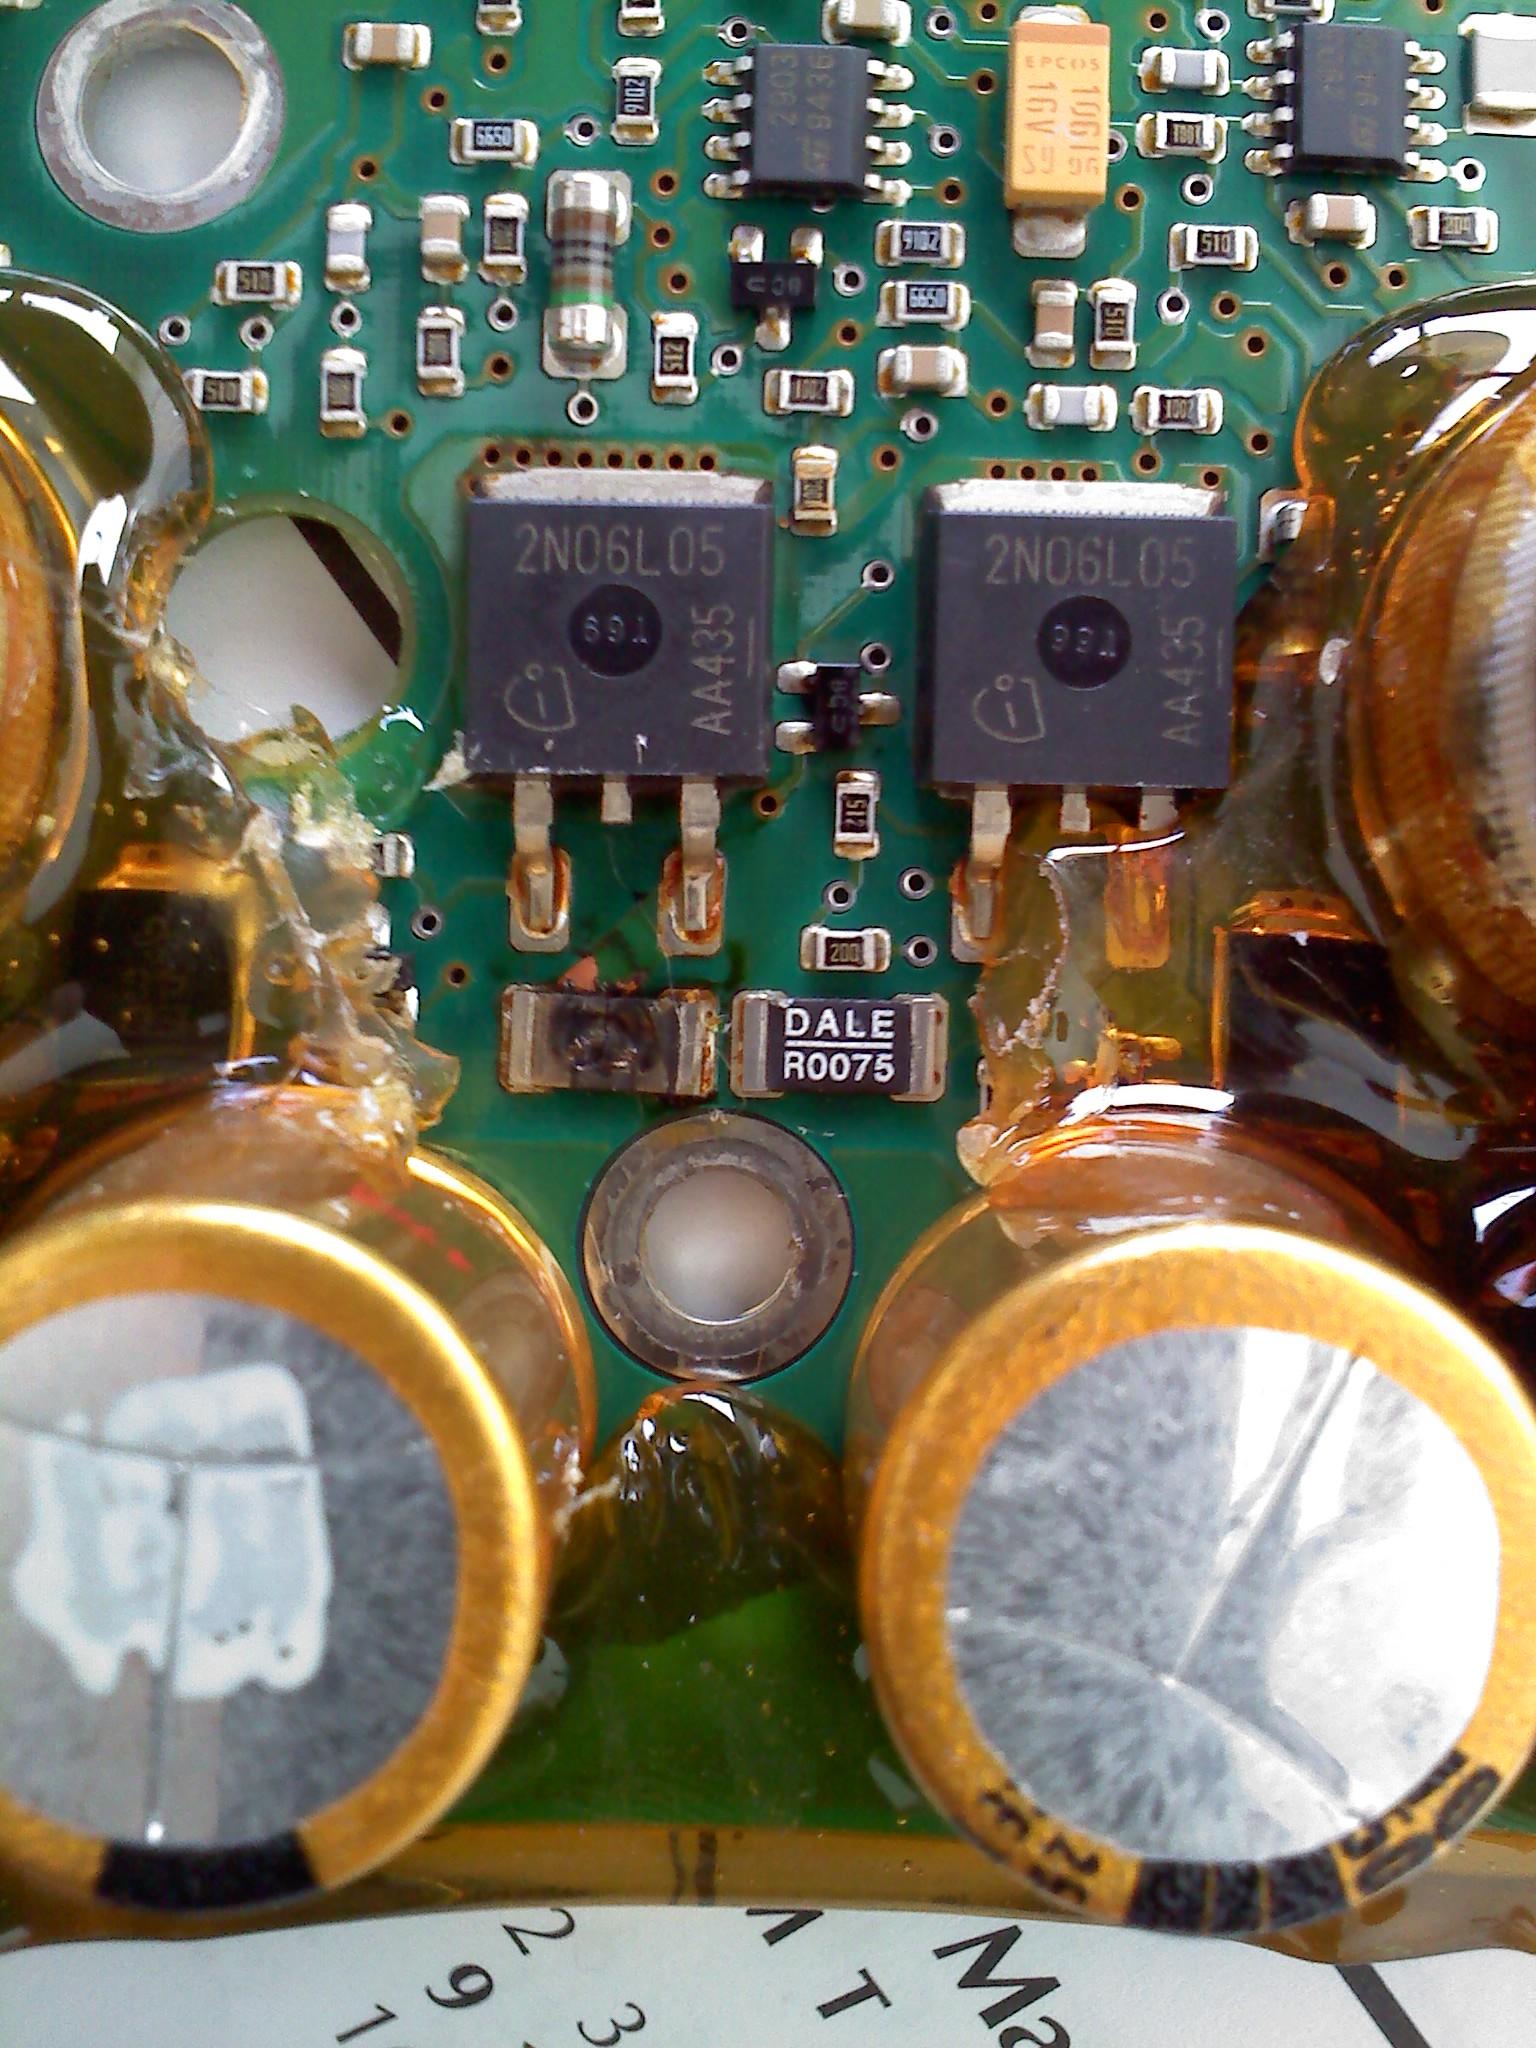 6313d1263867059 ficm solder good resistor bad help ficm resistor ficm solder good, resistor bad help!!! diesel forum ficm wiring harness at alyssarenee.co